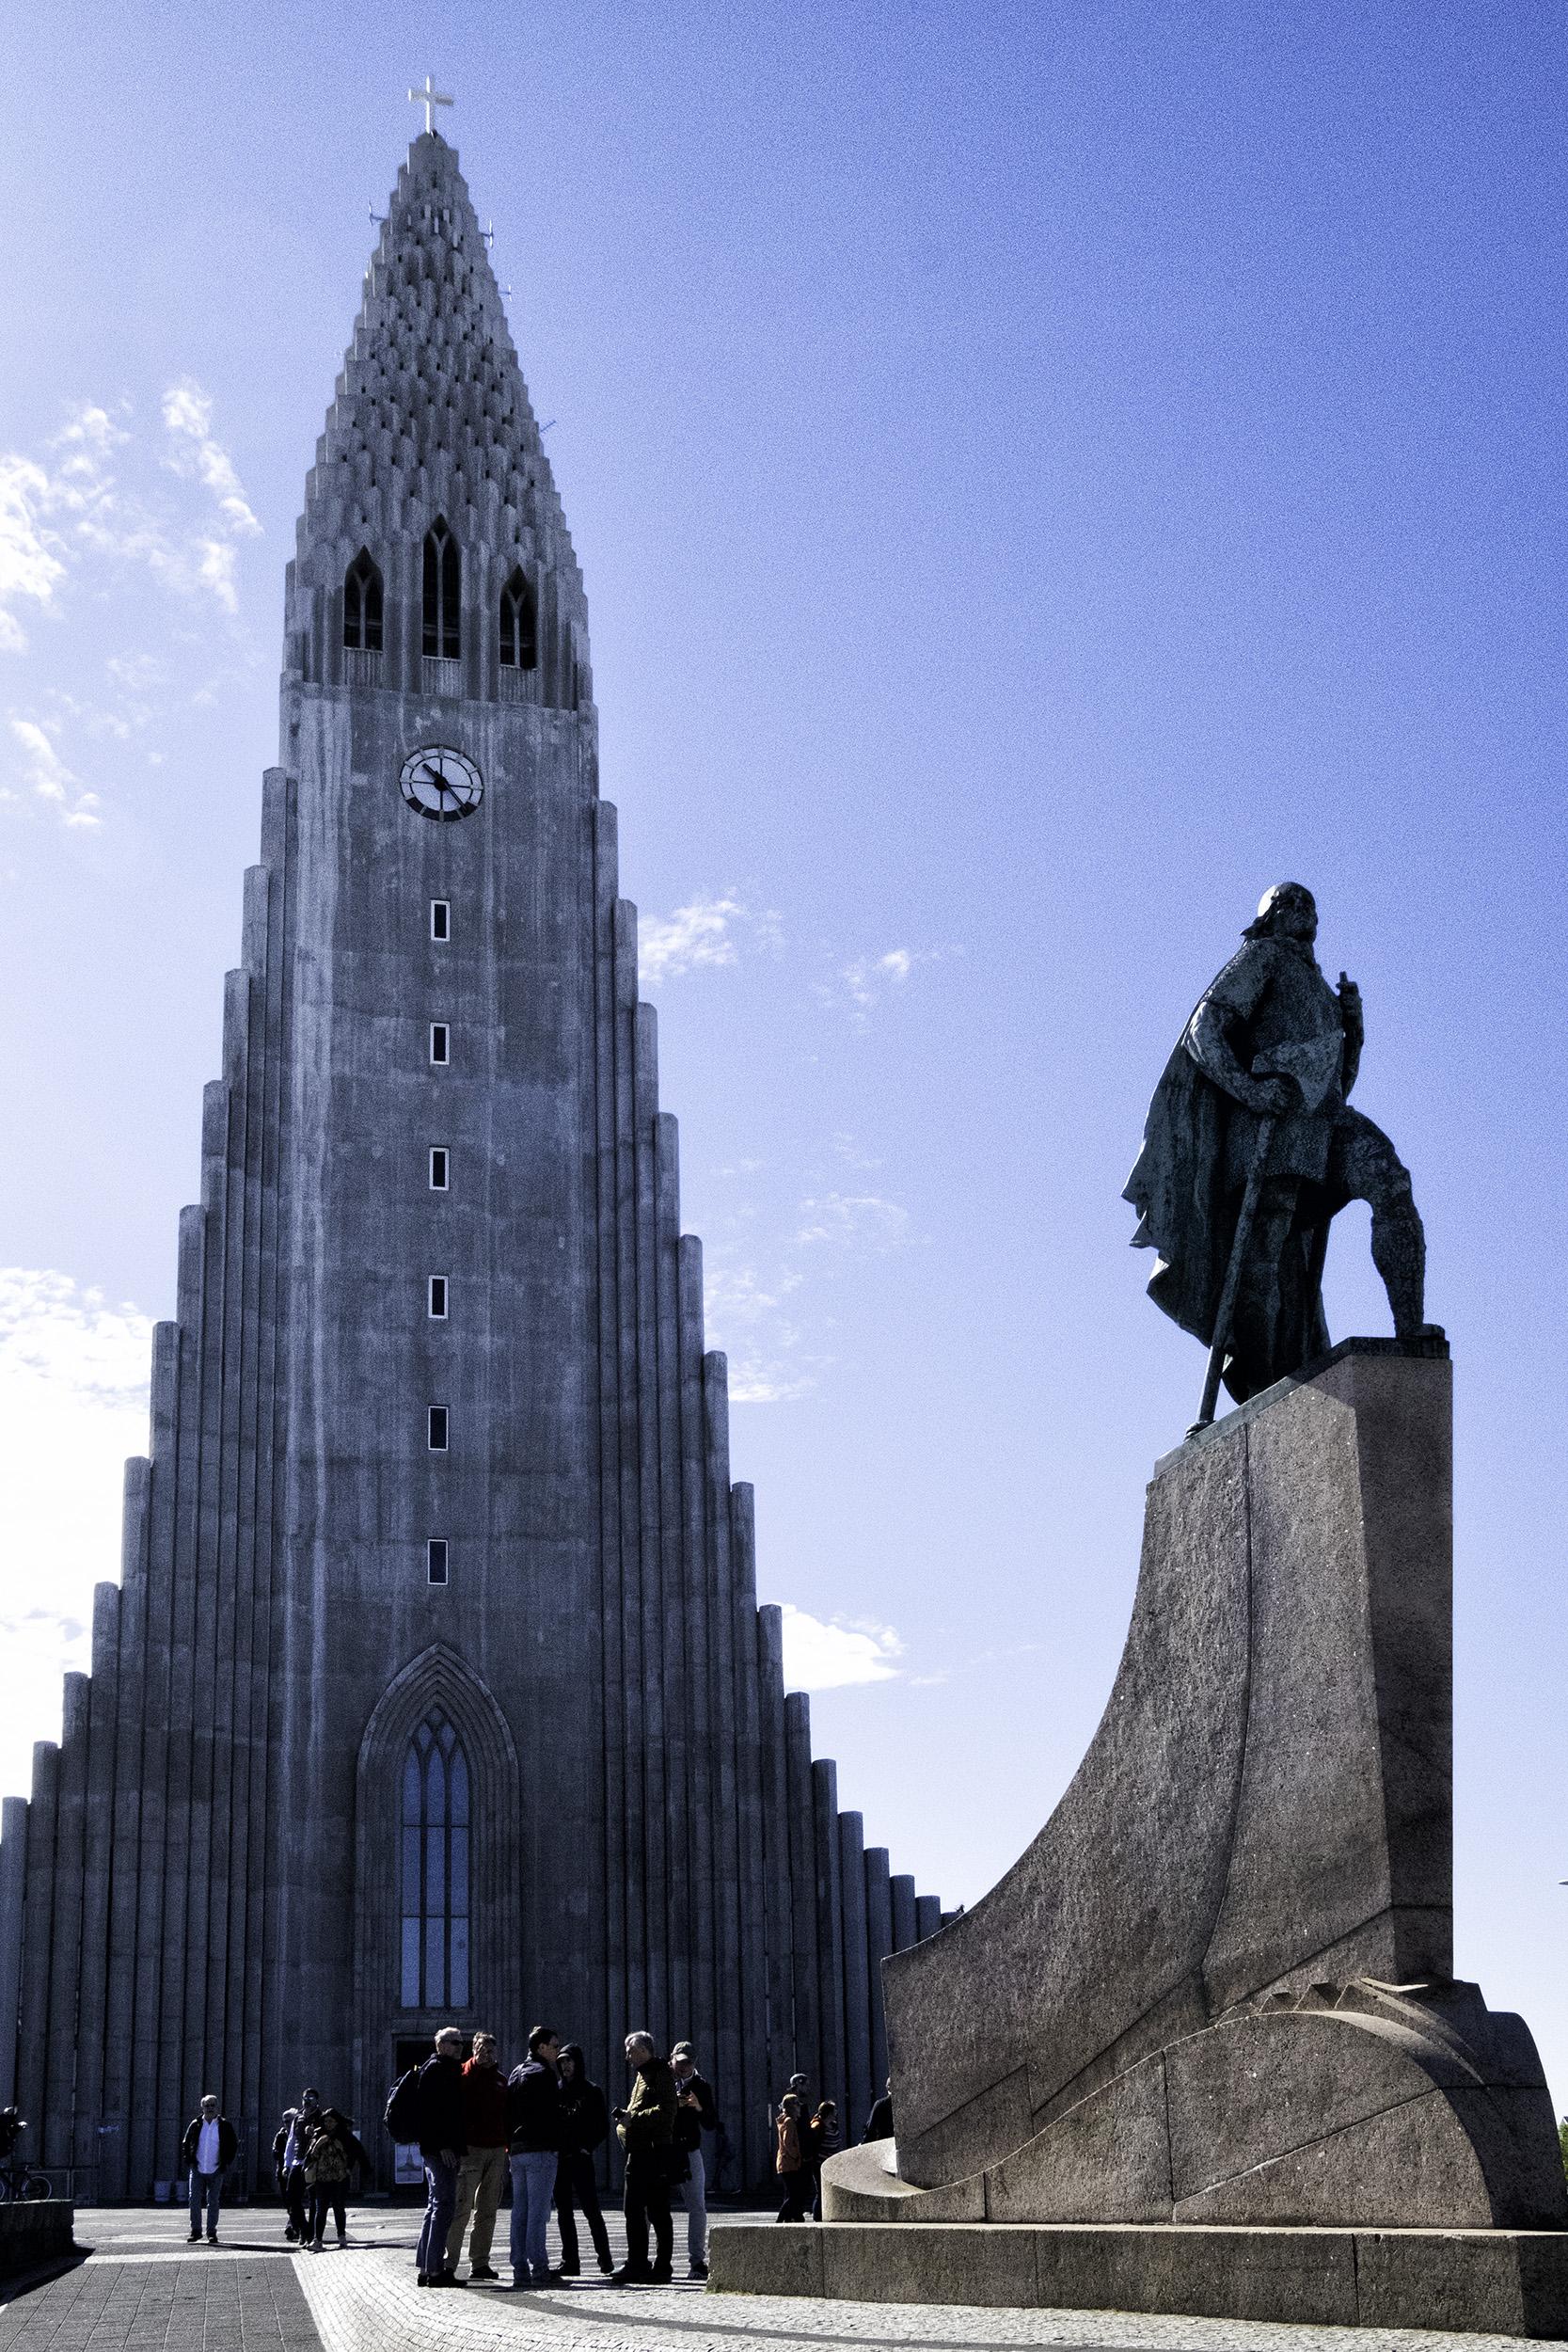 Hallgrimskirkja and Leif Ericson statue